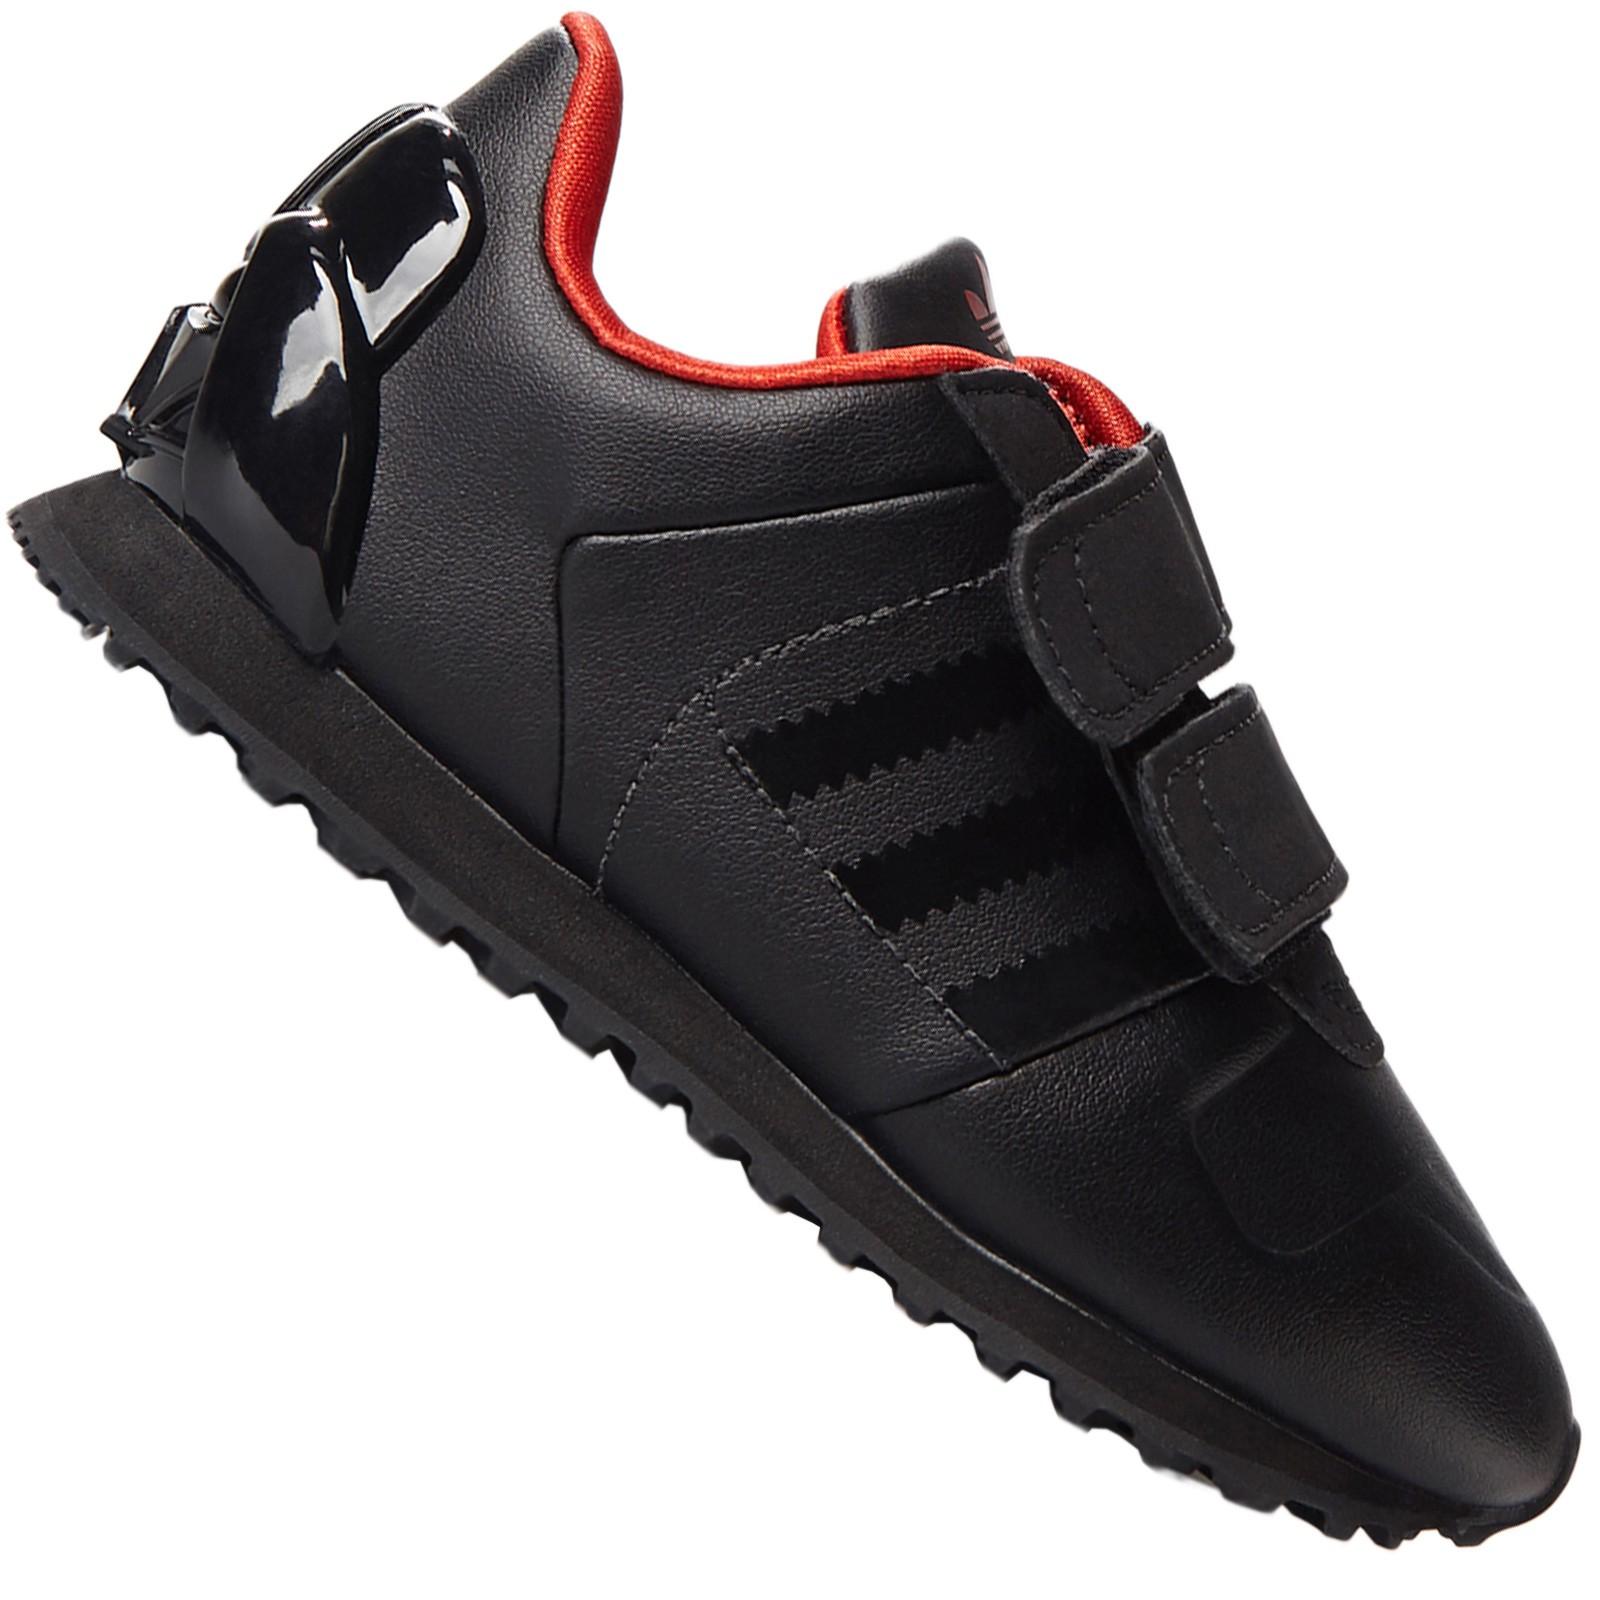 Zu Adidas Darth Wars Star Sneaker Schwarz Details Rot 700 Vader Schuhe Originals Zx Kinder Kc1JlF